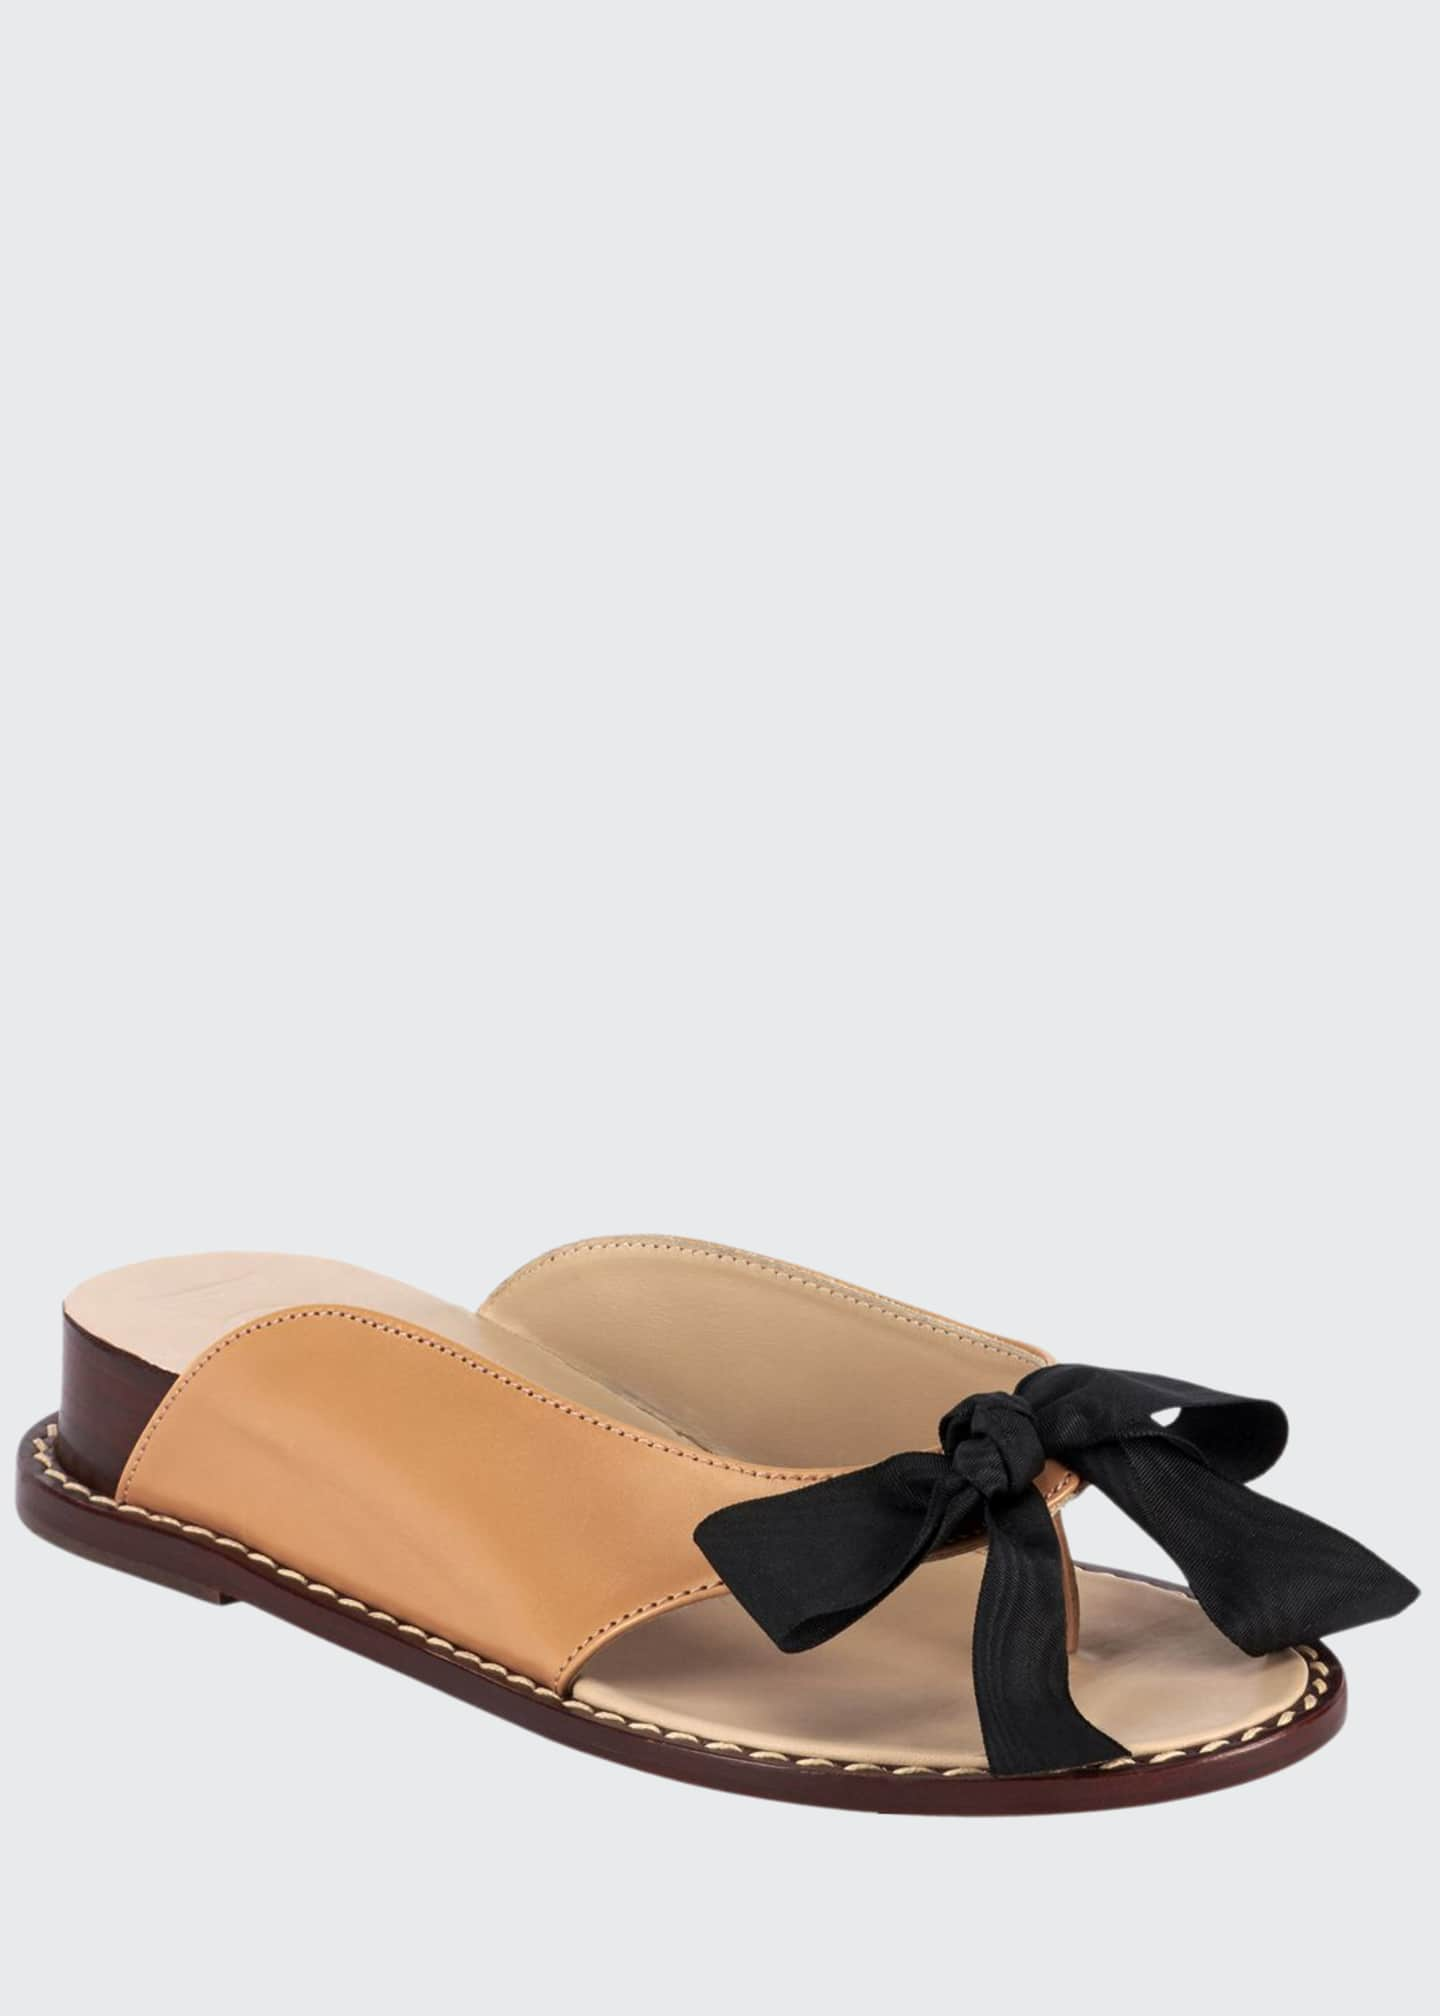 Loewe Demi-Wedge Bow Slide Sandals